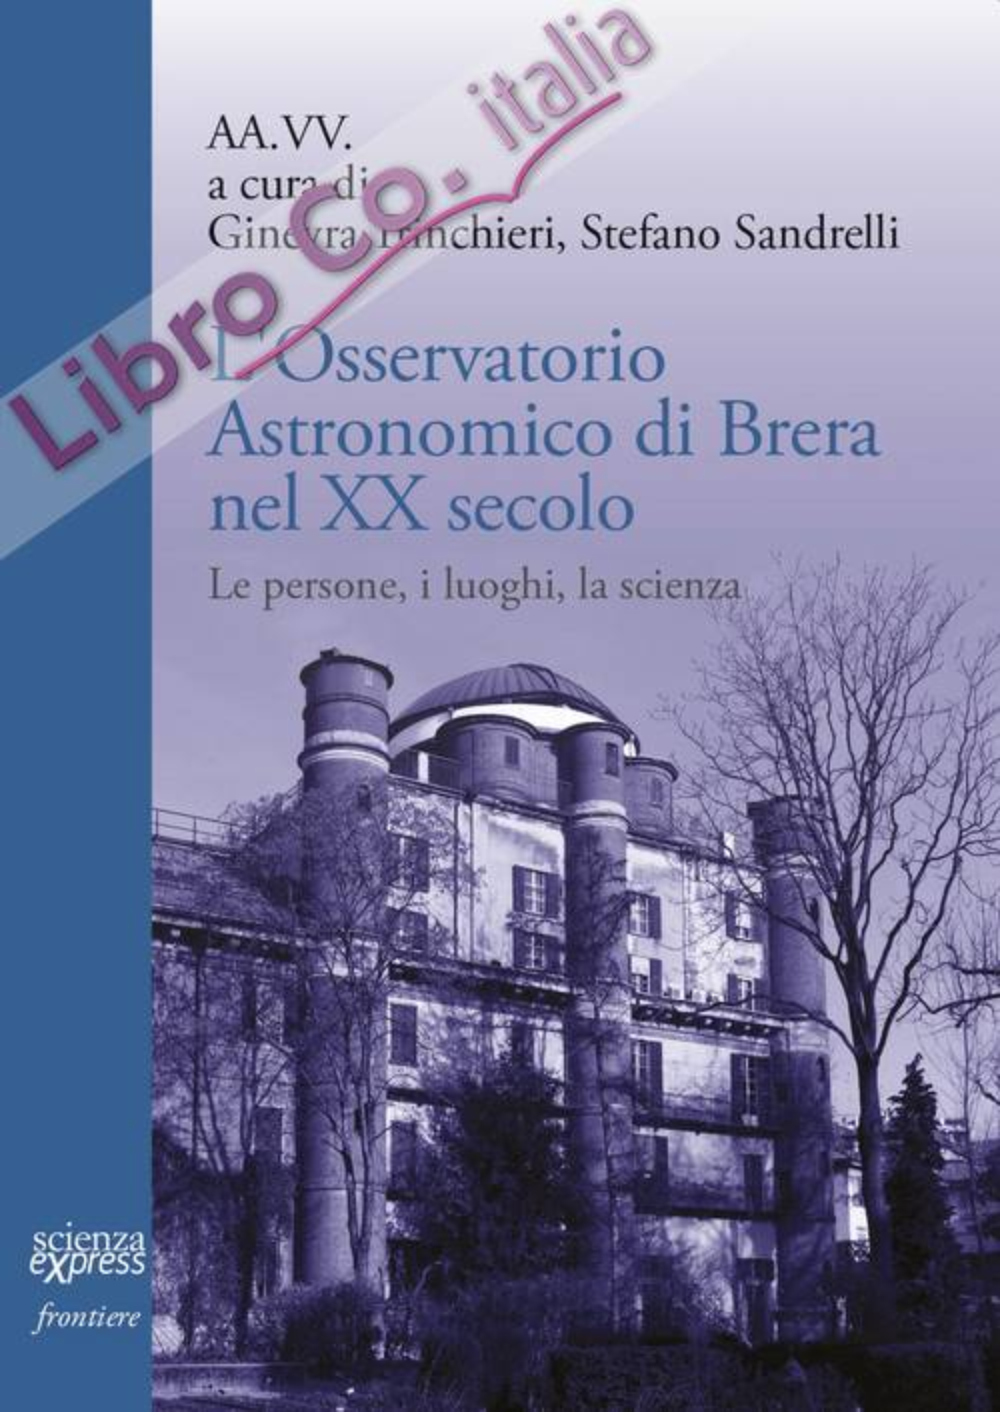 L'Osservatorio astronomico di Brera nel secolo XX Secolo. Le persone, i luoghi, la scienza.